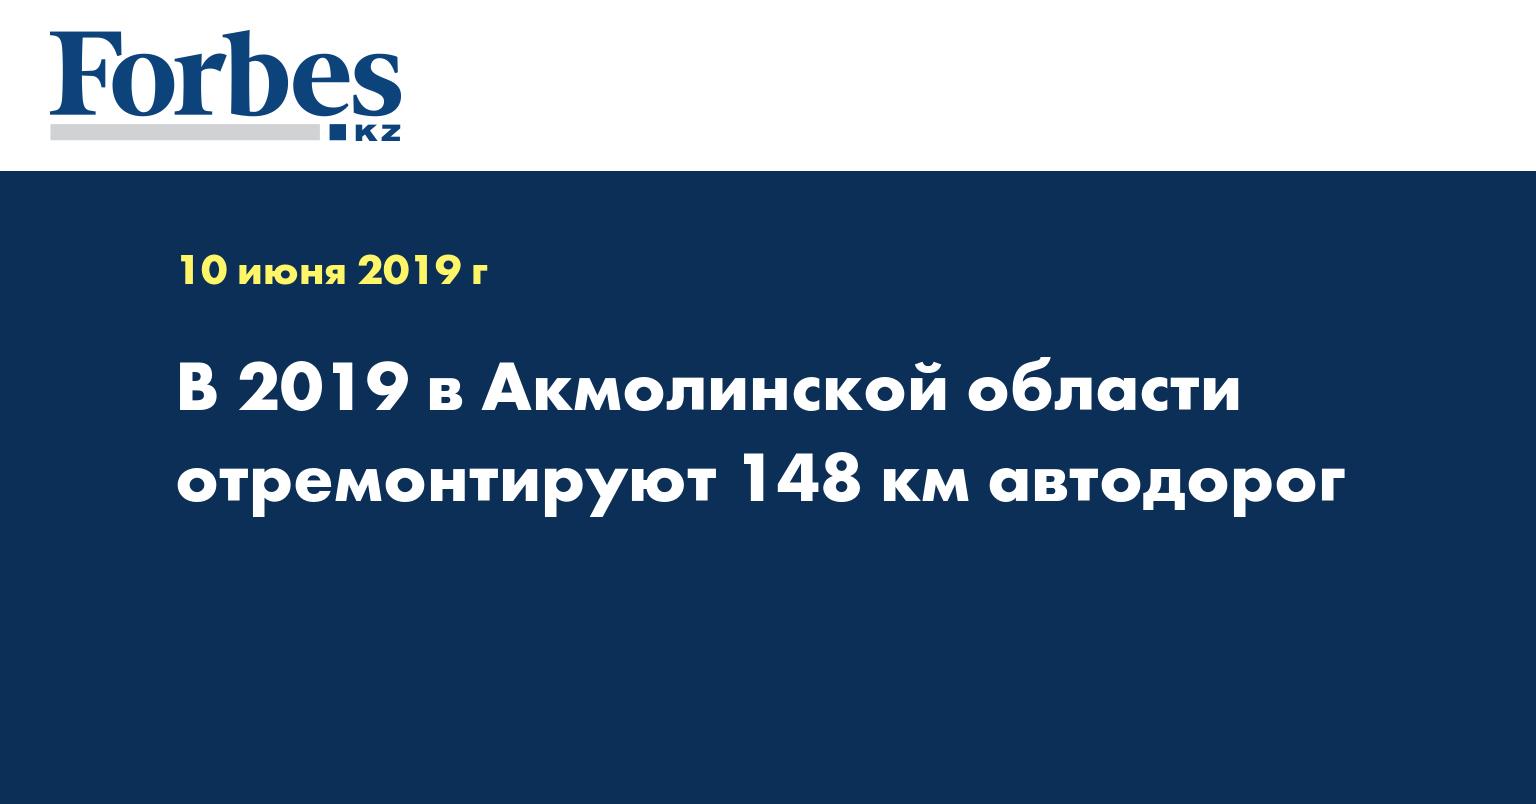 В 2019 в Акмолинской области отремонтируют 148 км автодорог